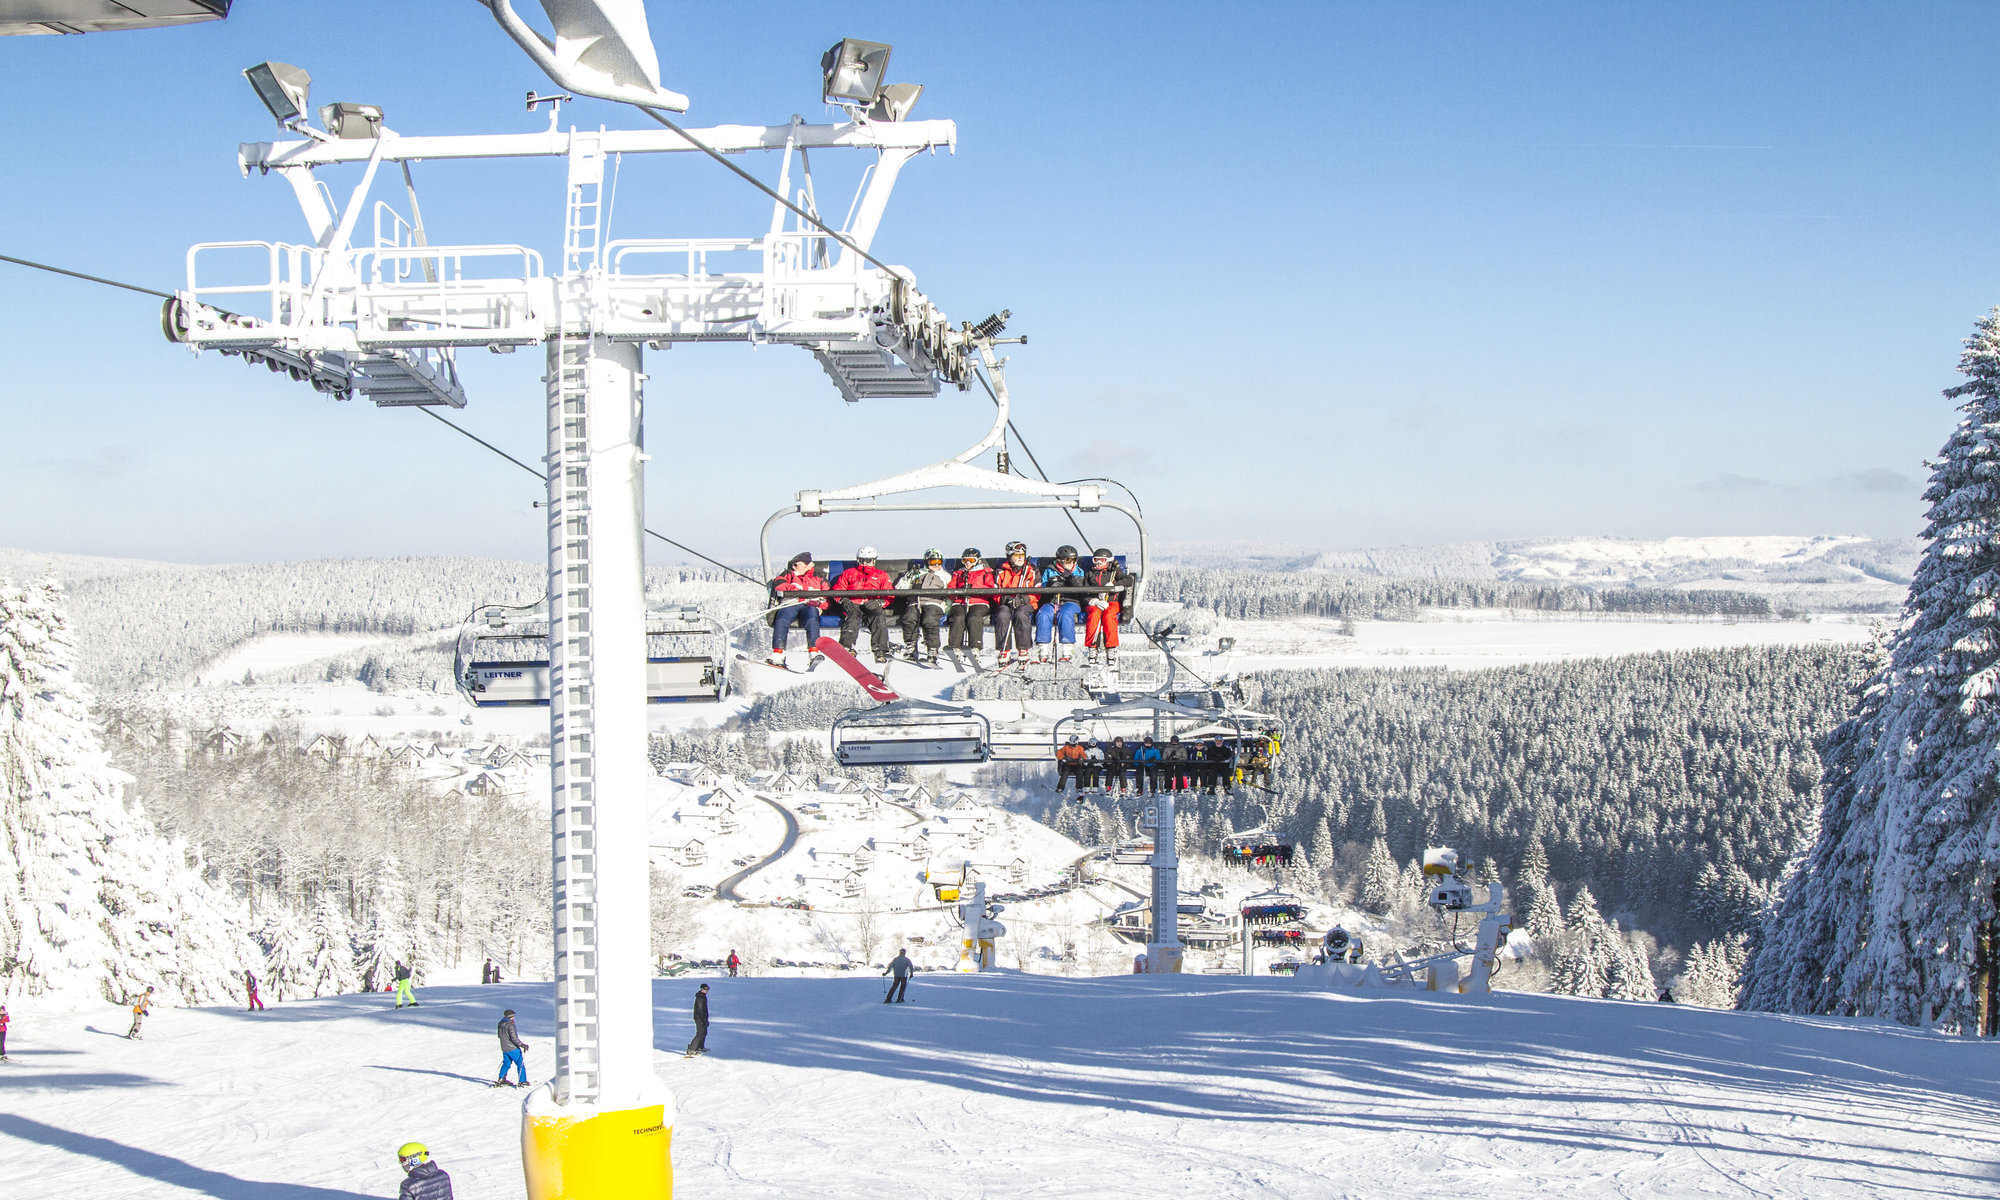 Blik op de skilift van de Poppenberg in Winterberg.